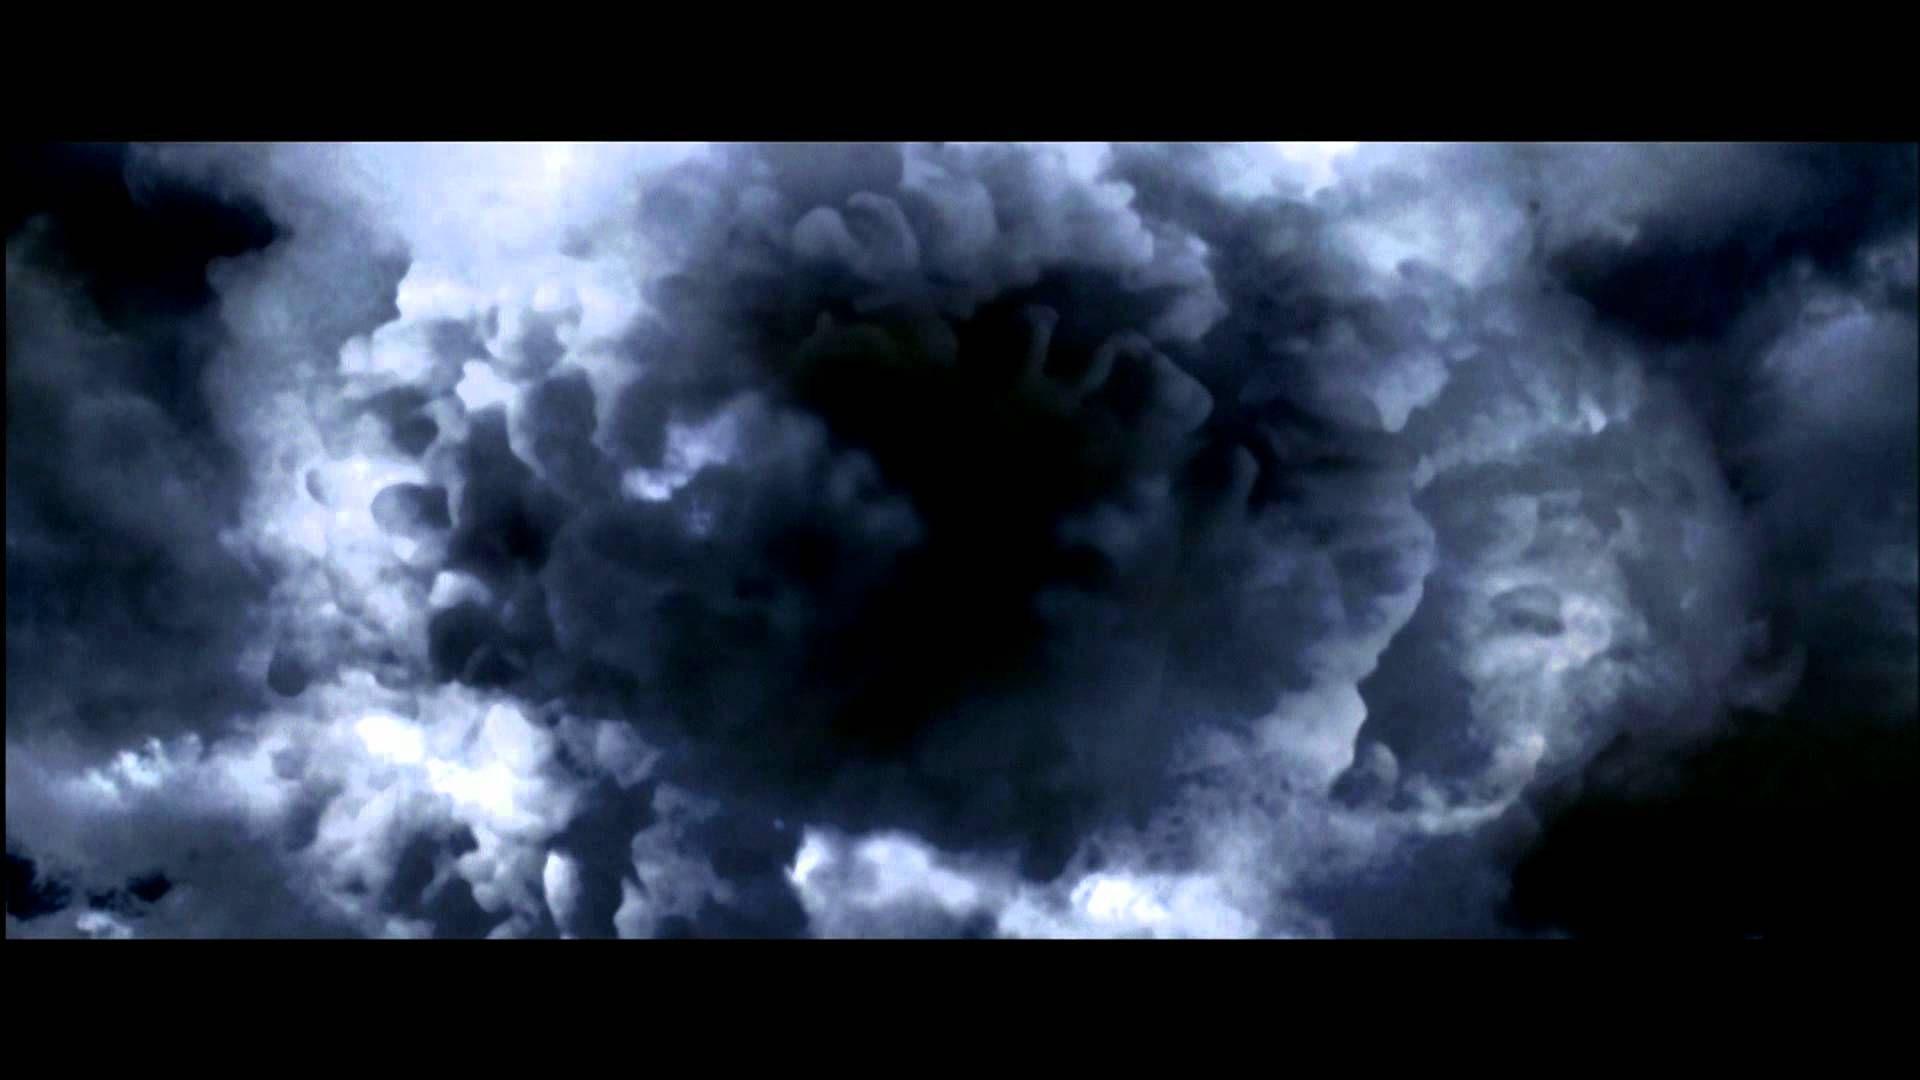 Harry Potter And The Prisoner Of Azkaban Trailer Streaming Movies Free The Prisoner Of Azkaban Prisoner Of Azkaban